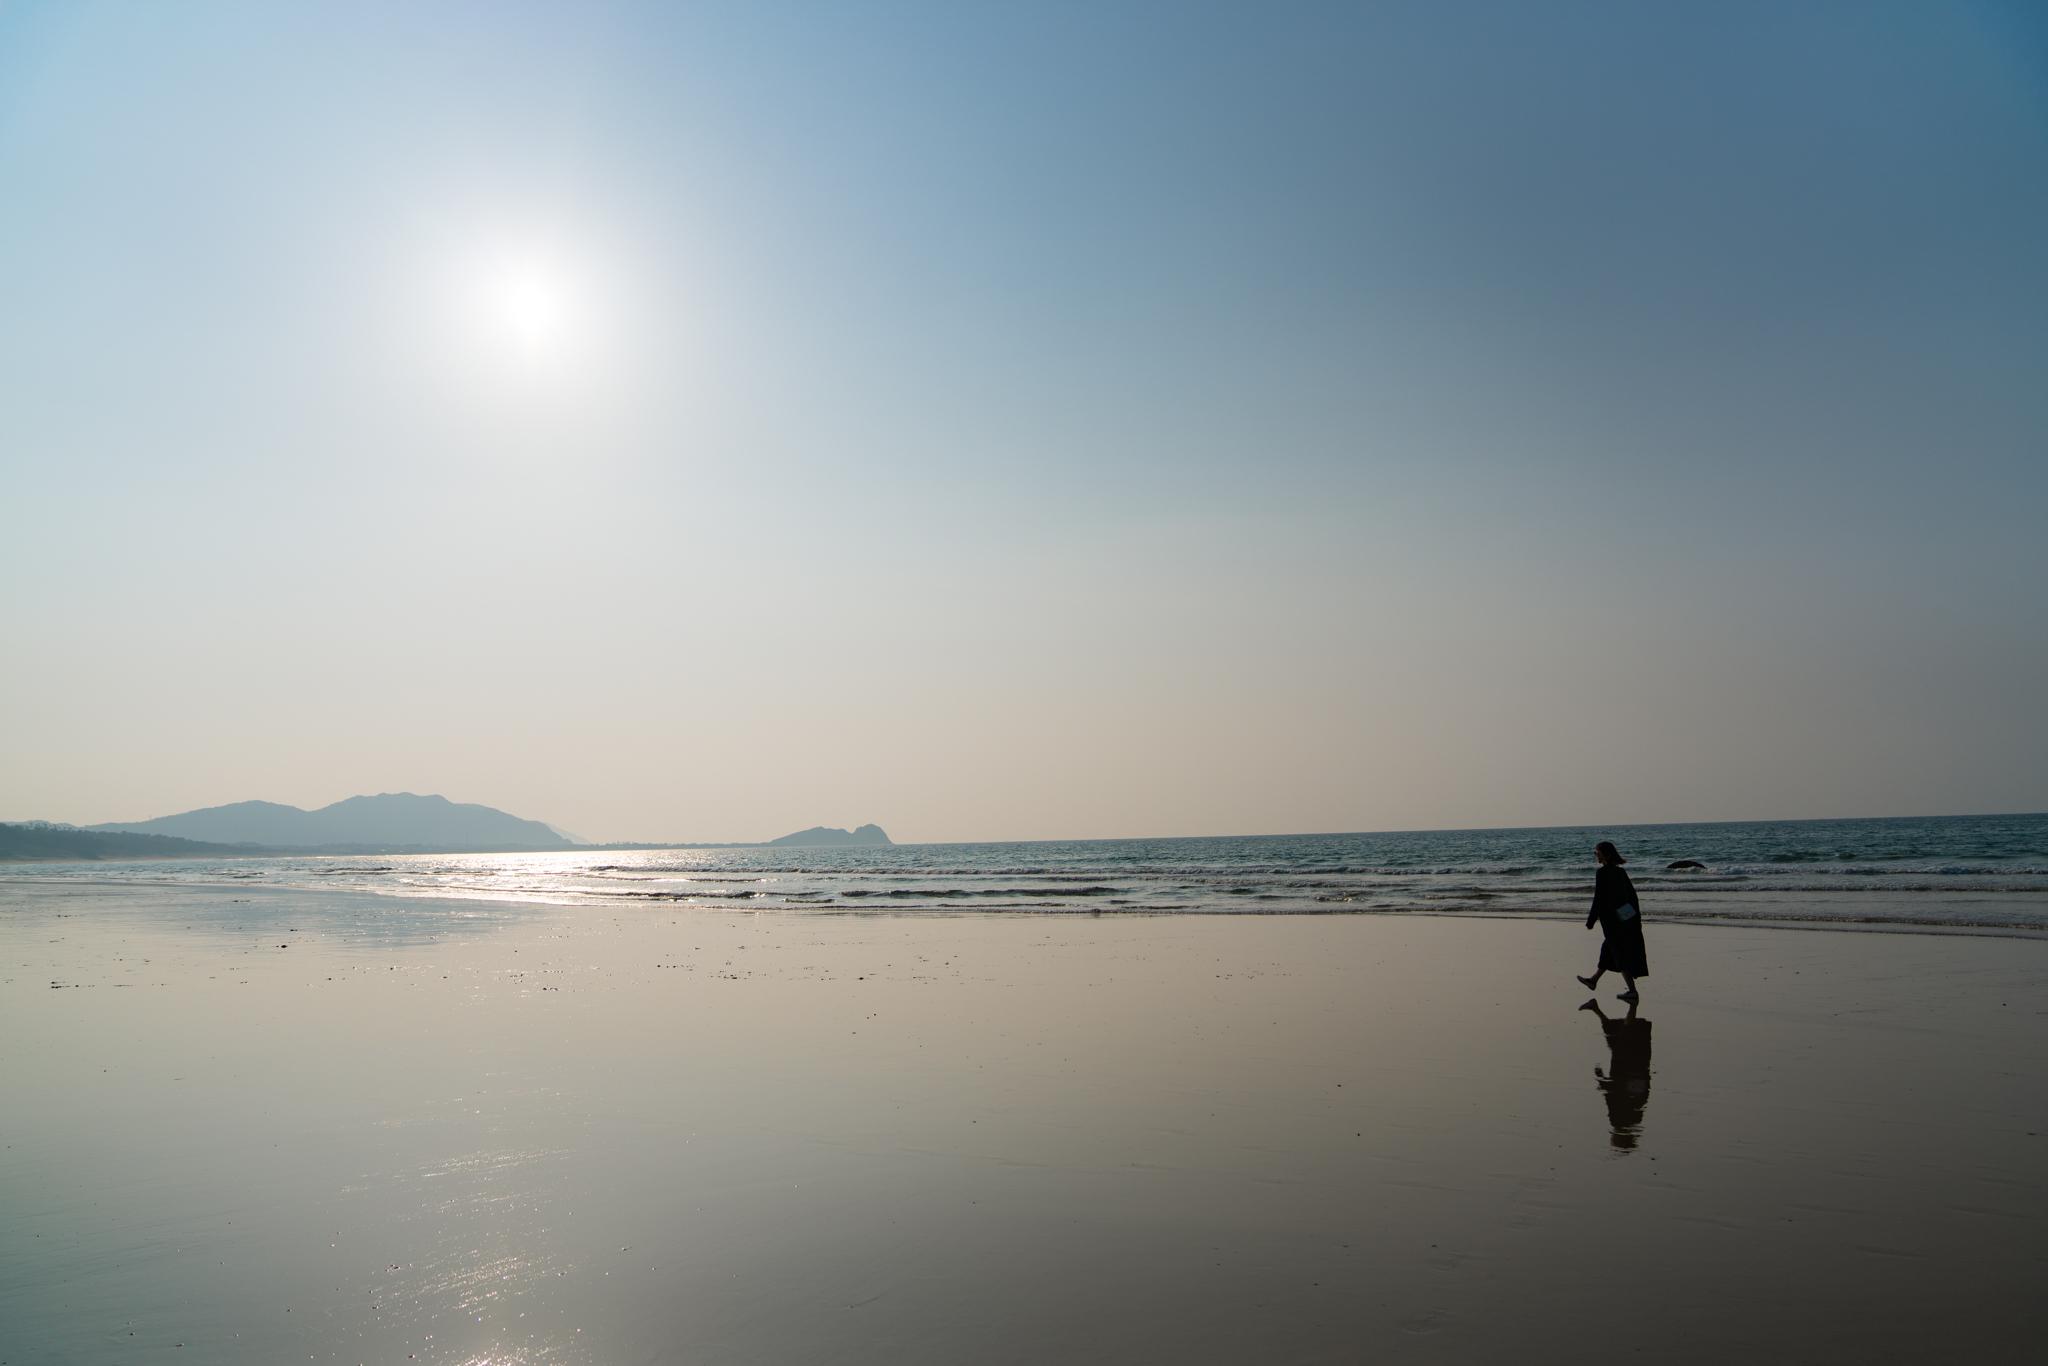 【糸島TRIP】幣の浜(にぎのはま)で最高のサンセット体験を / Day1